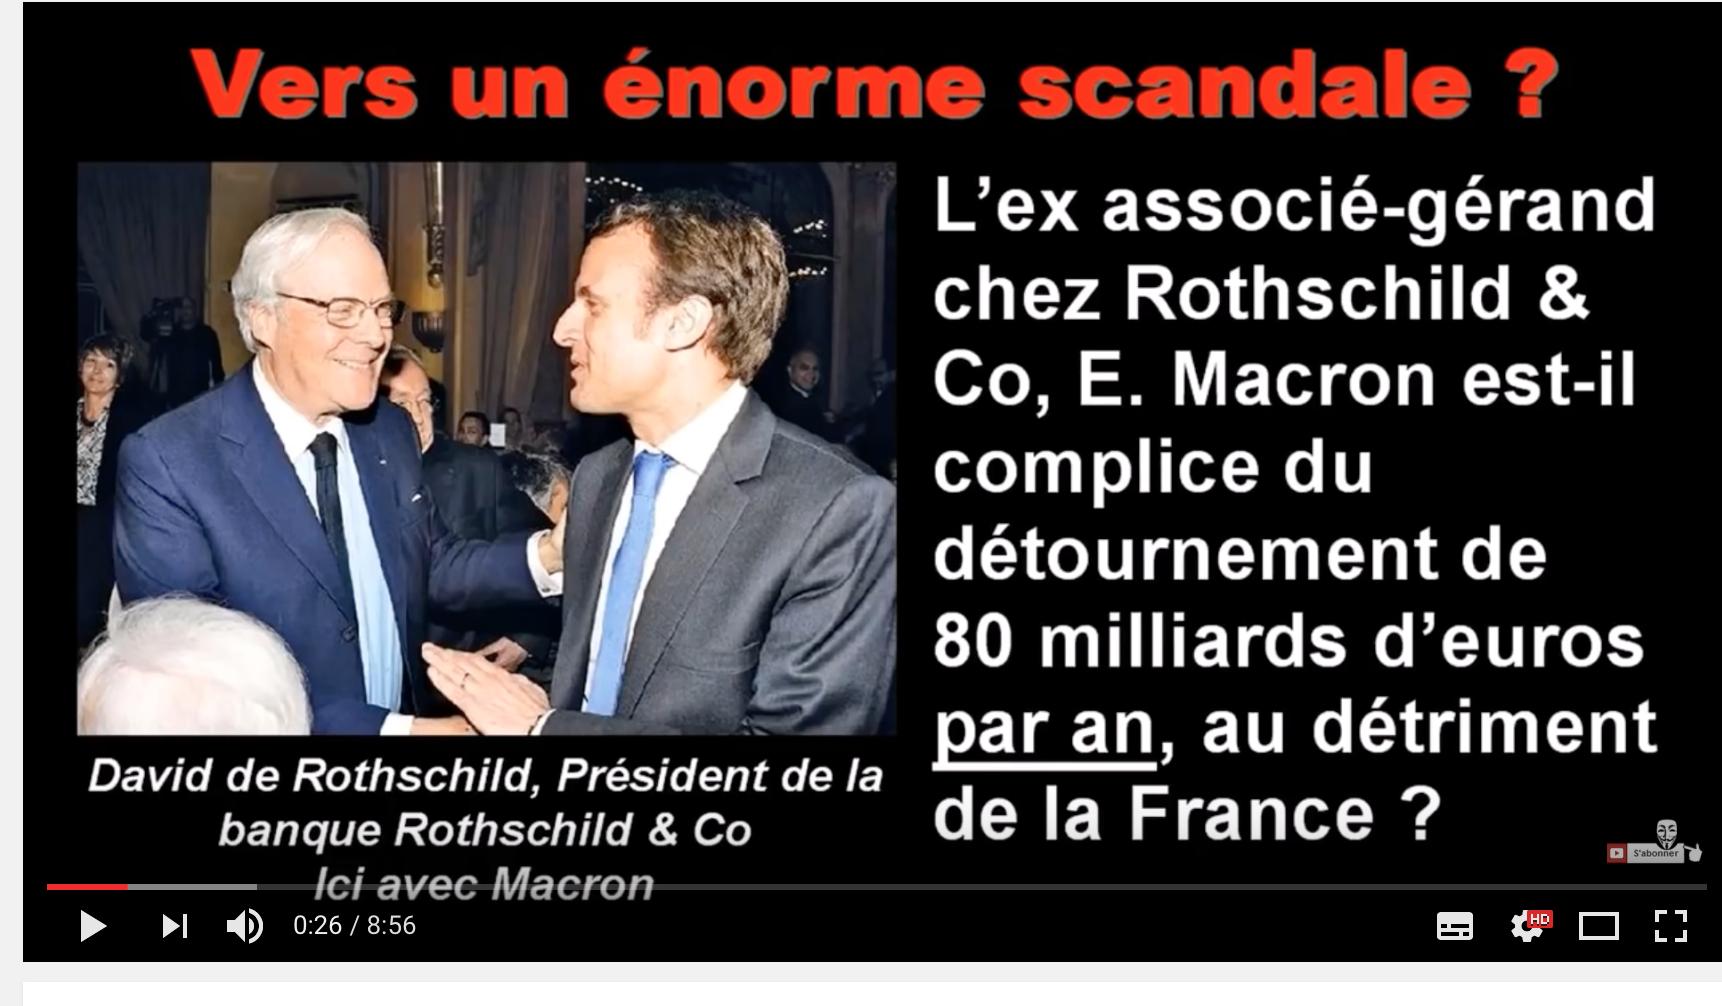 Macron complice d'un détournement de 80 milliards par an aux dépens de la France ? Enorme scandale